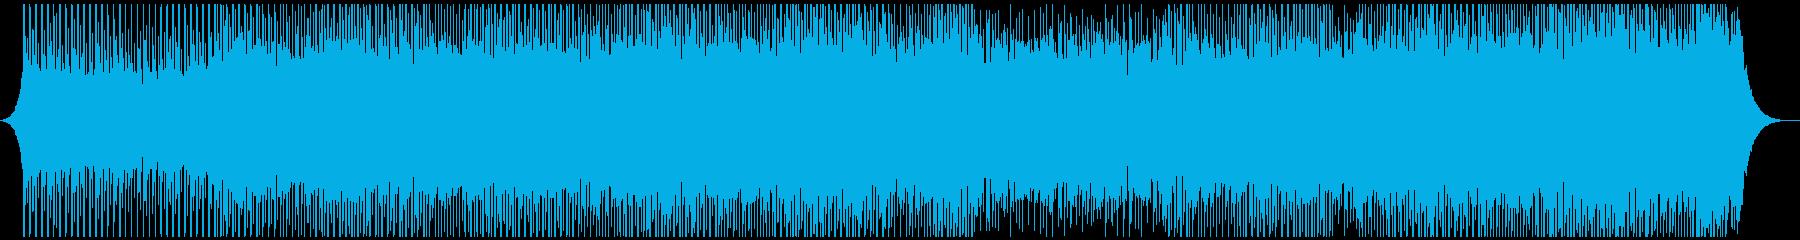 達成するの再生済みの波形